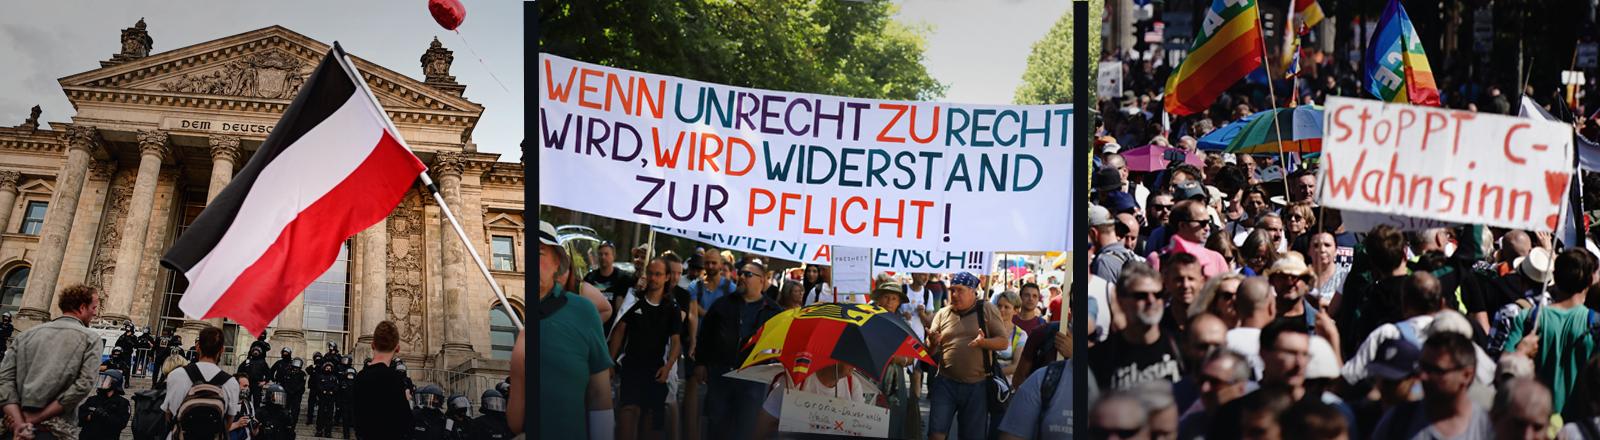 Drei Bilder verschiedener Corona-Demonstration in Berlin, teils sind Reichsflaggen zu sehen,